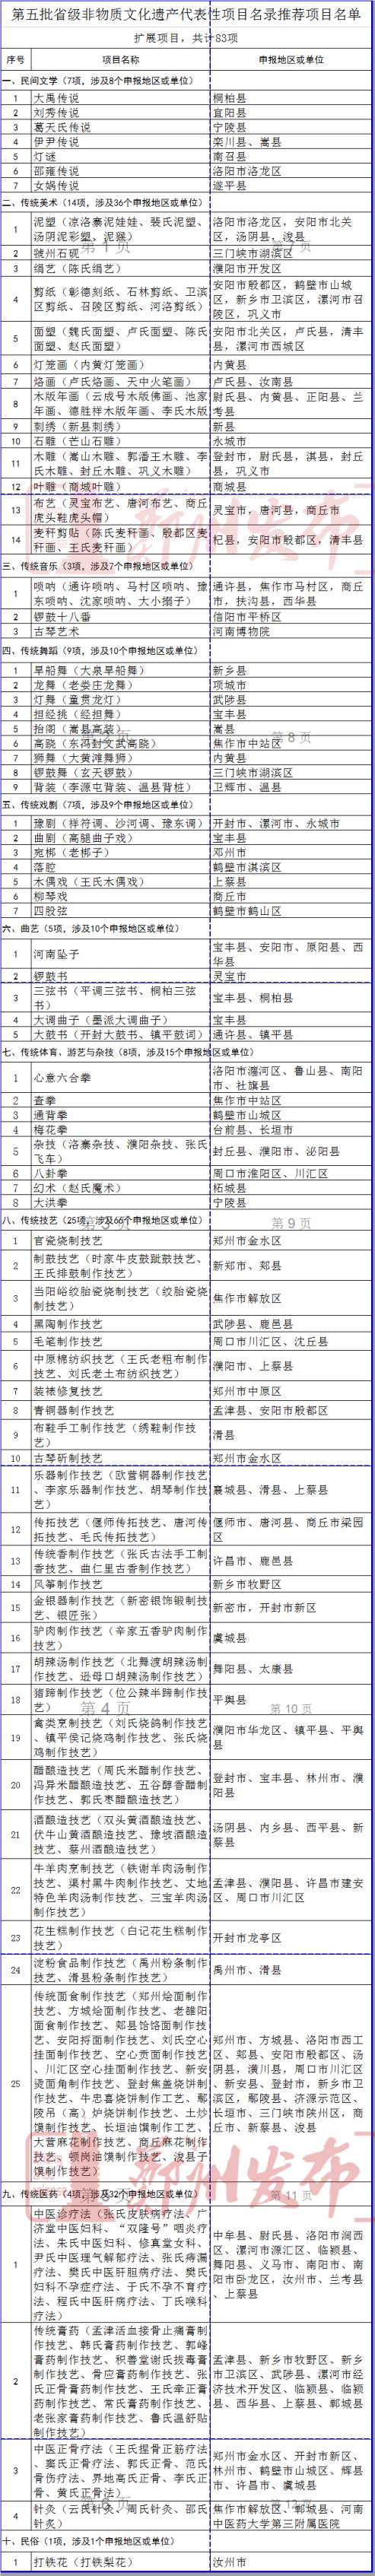 郑州烩面入选河南非遗推荐名单